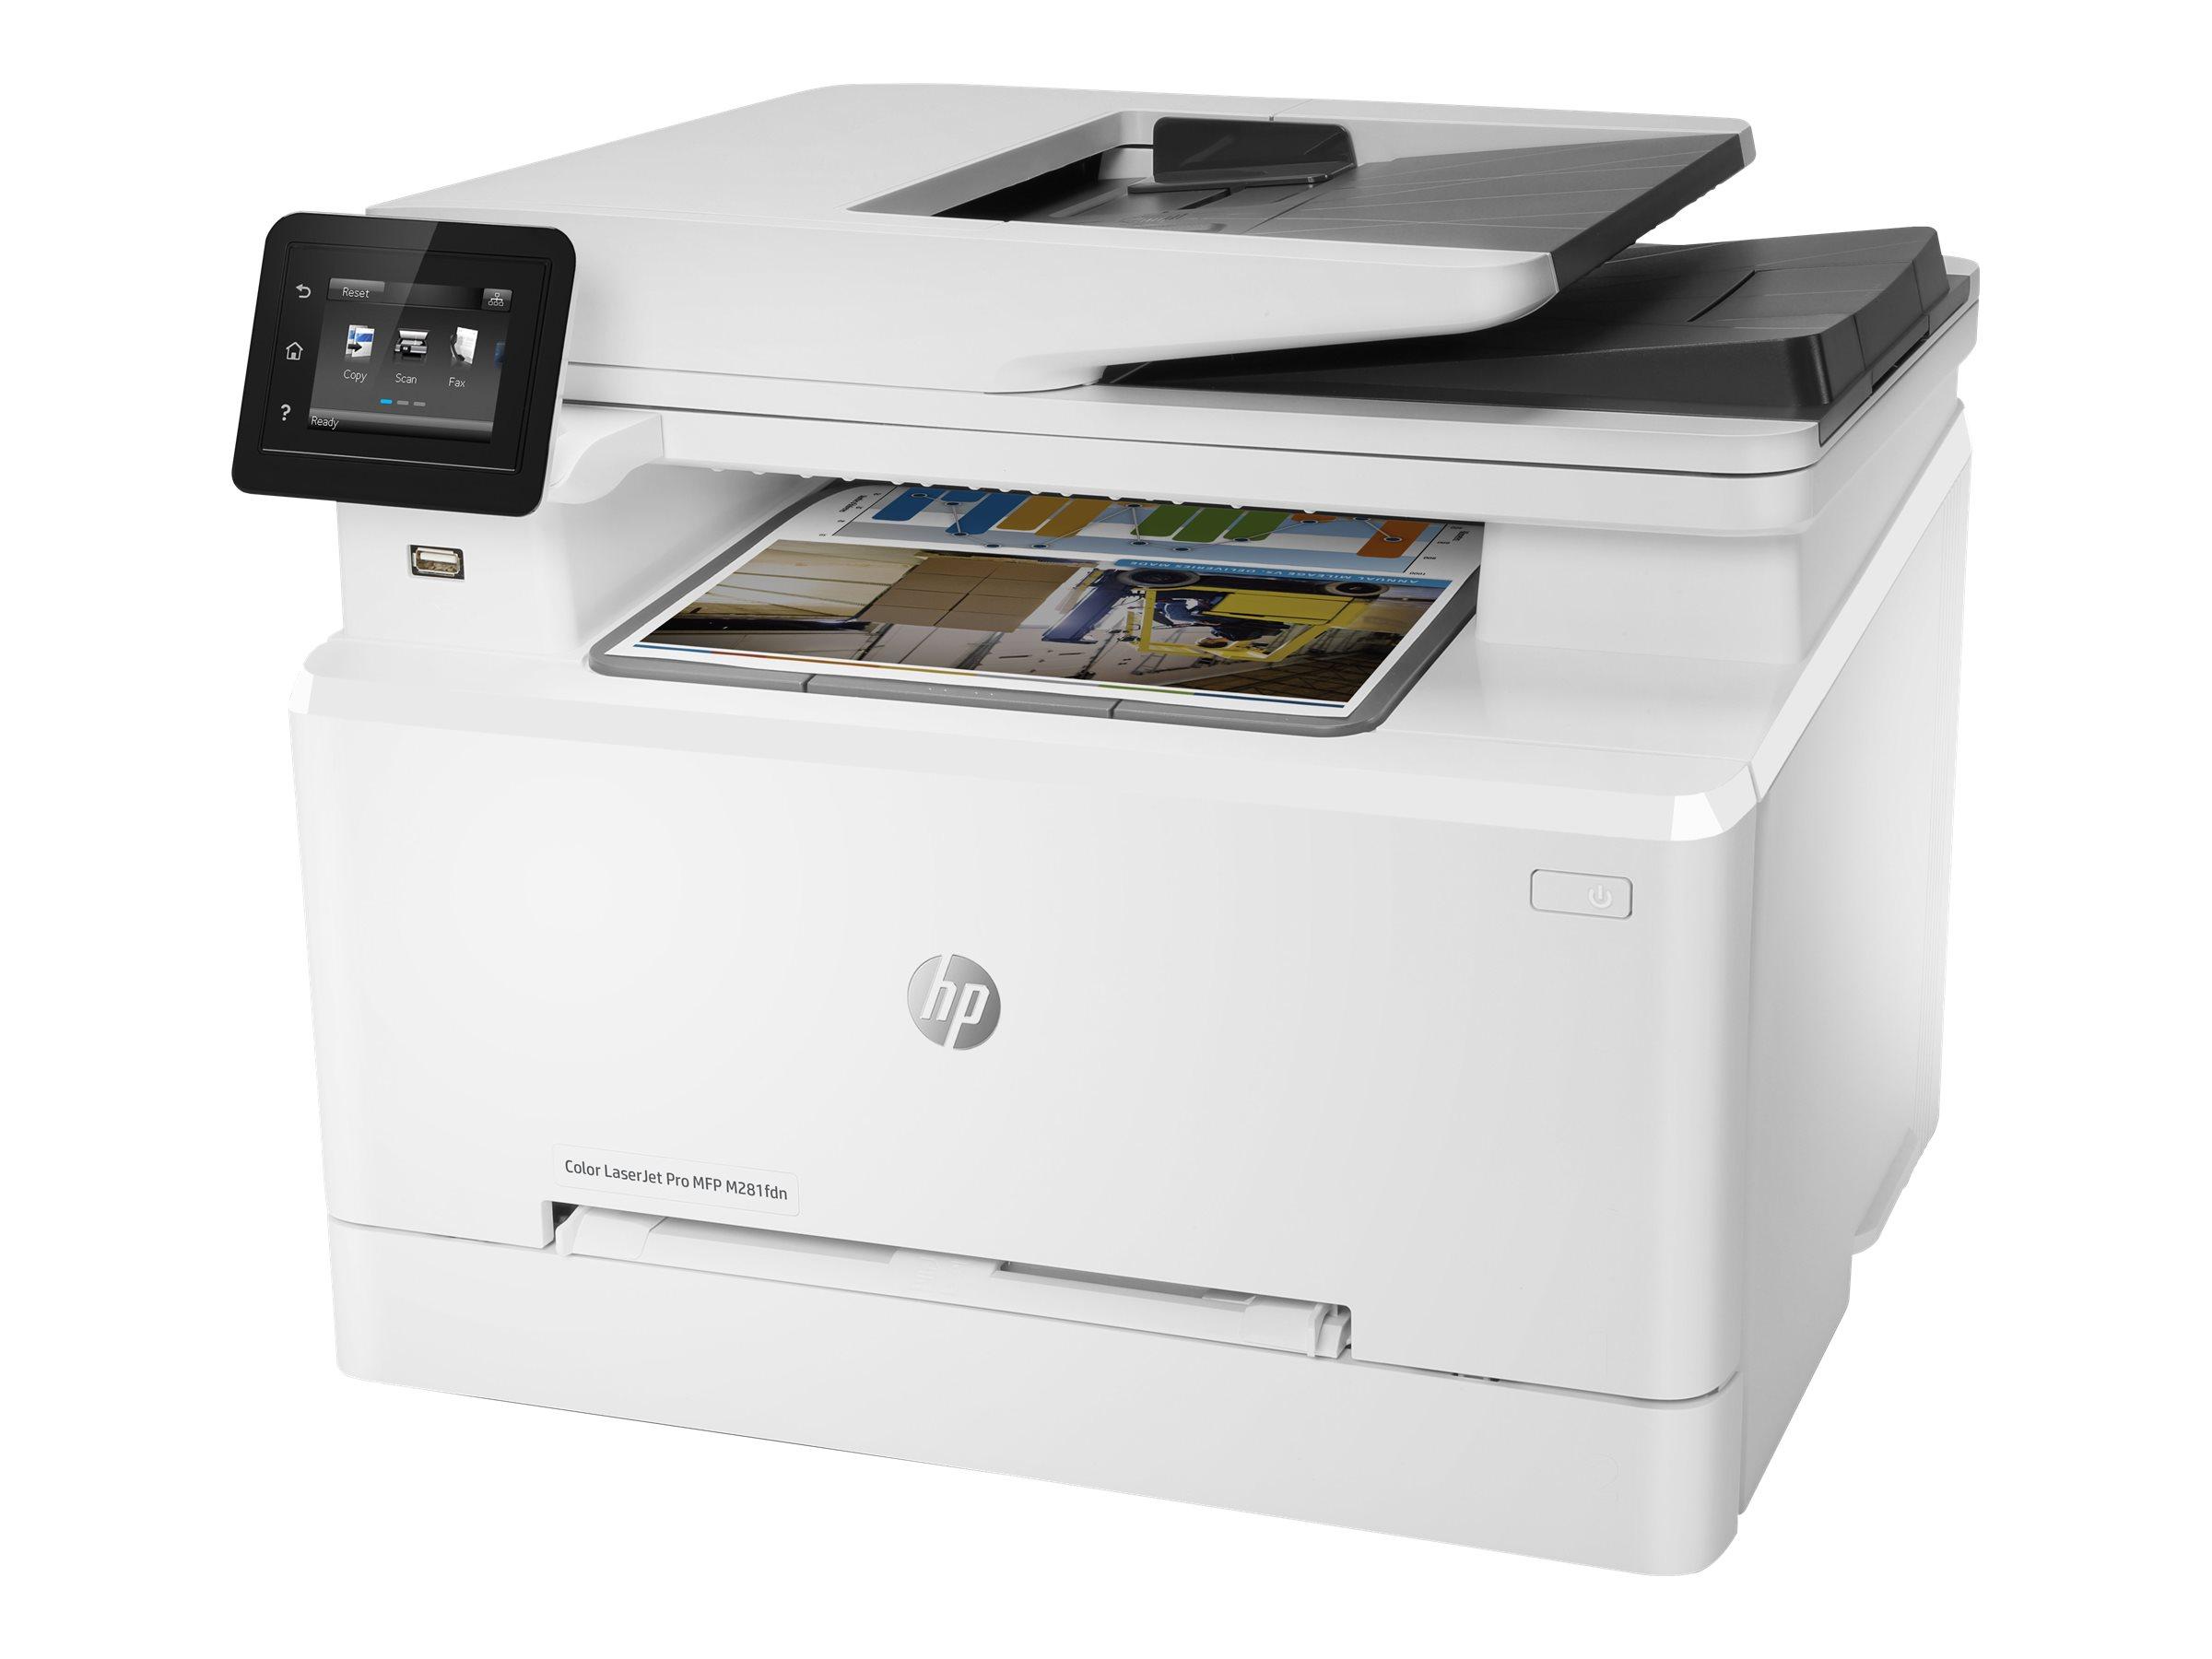 HP Color LaserJet Pro MFP M281fdn - Multifunktionsdrucker - Farbe - Laser - Legal (216 x 356 mm)